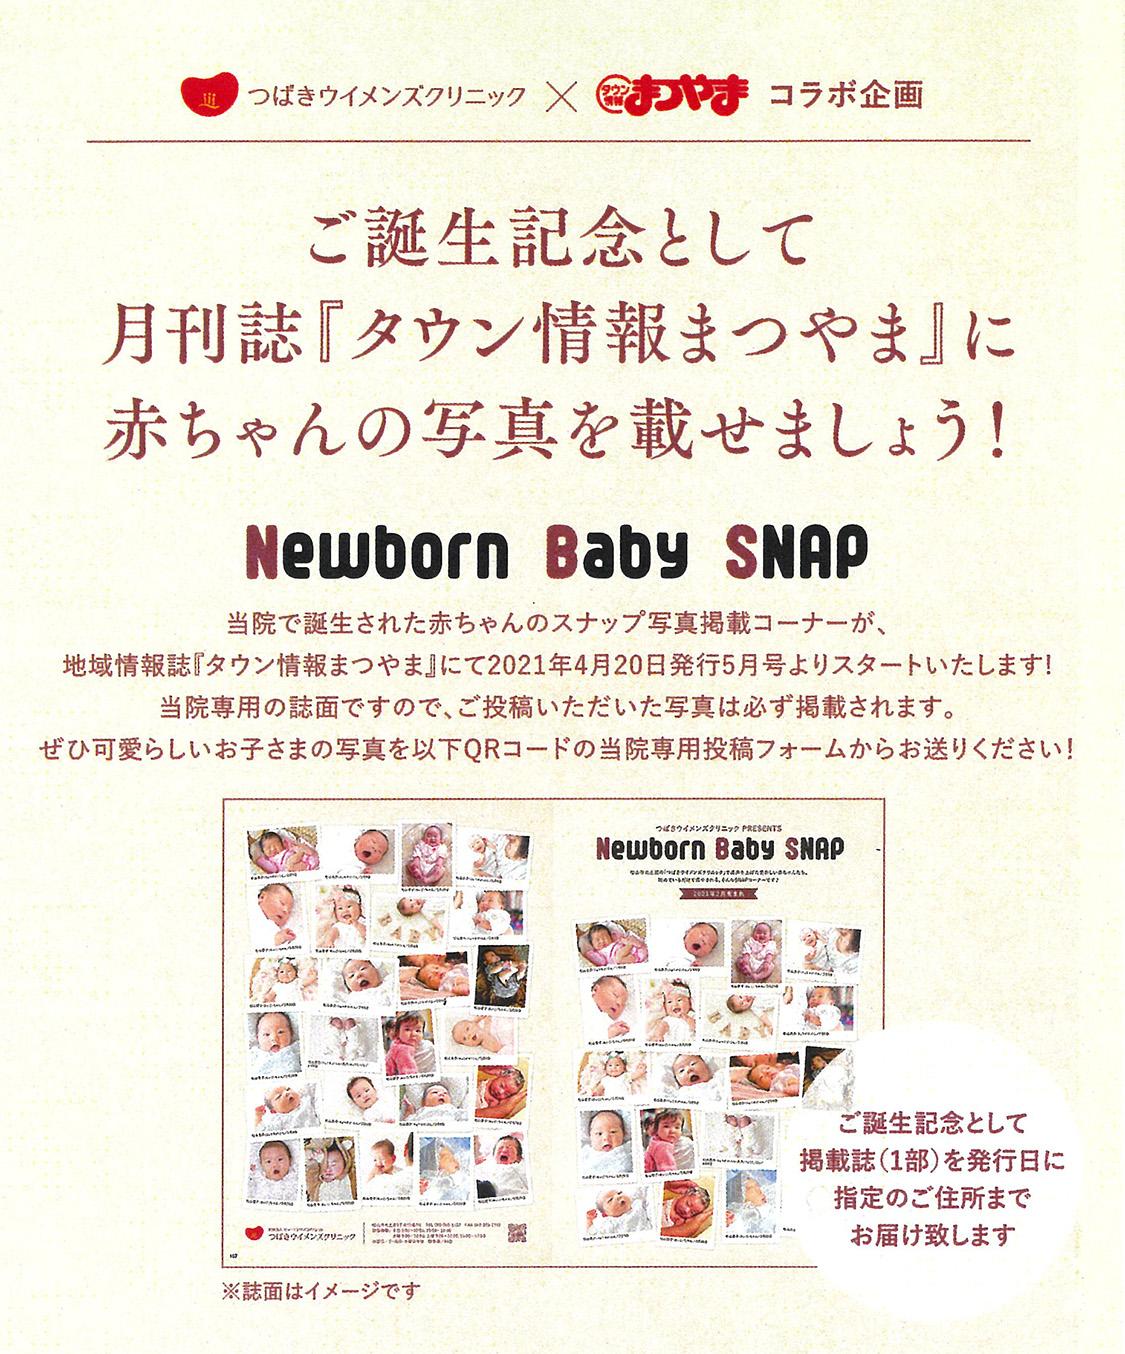 『タウン情報まつやま』 Newborn Baby Snap